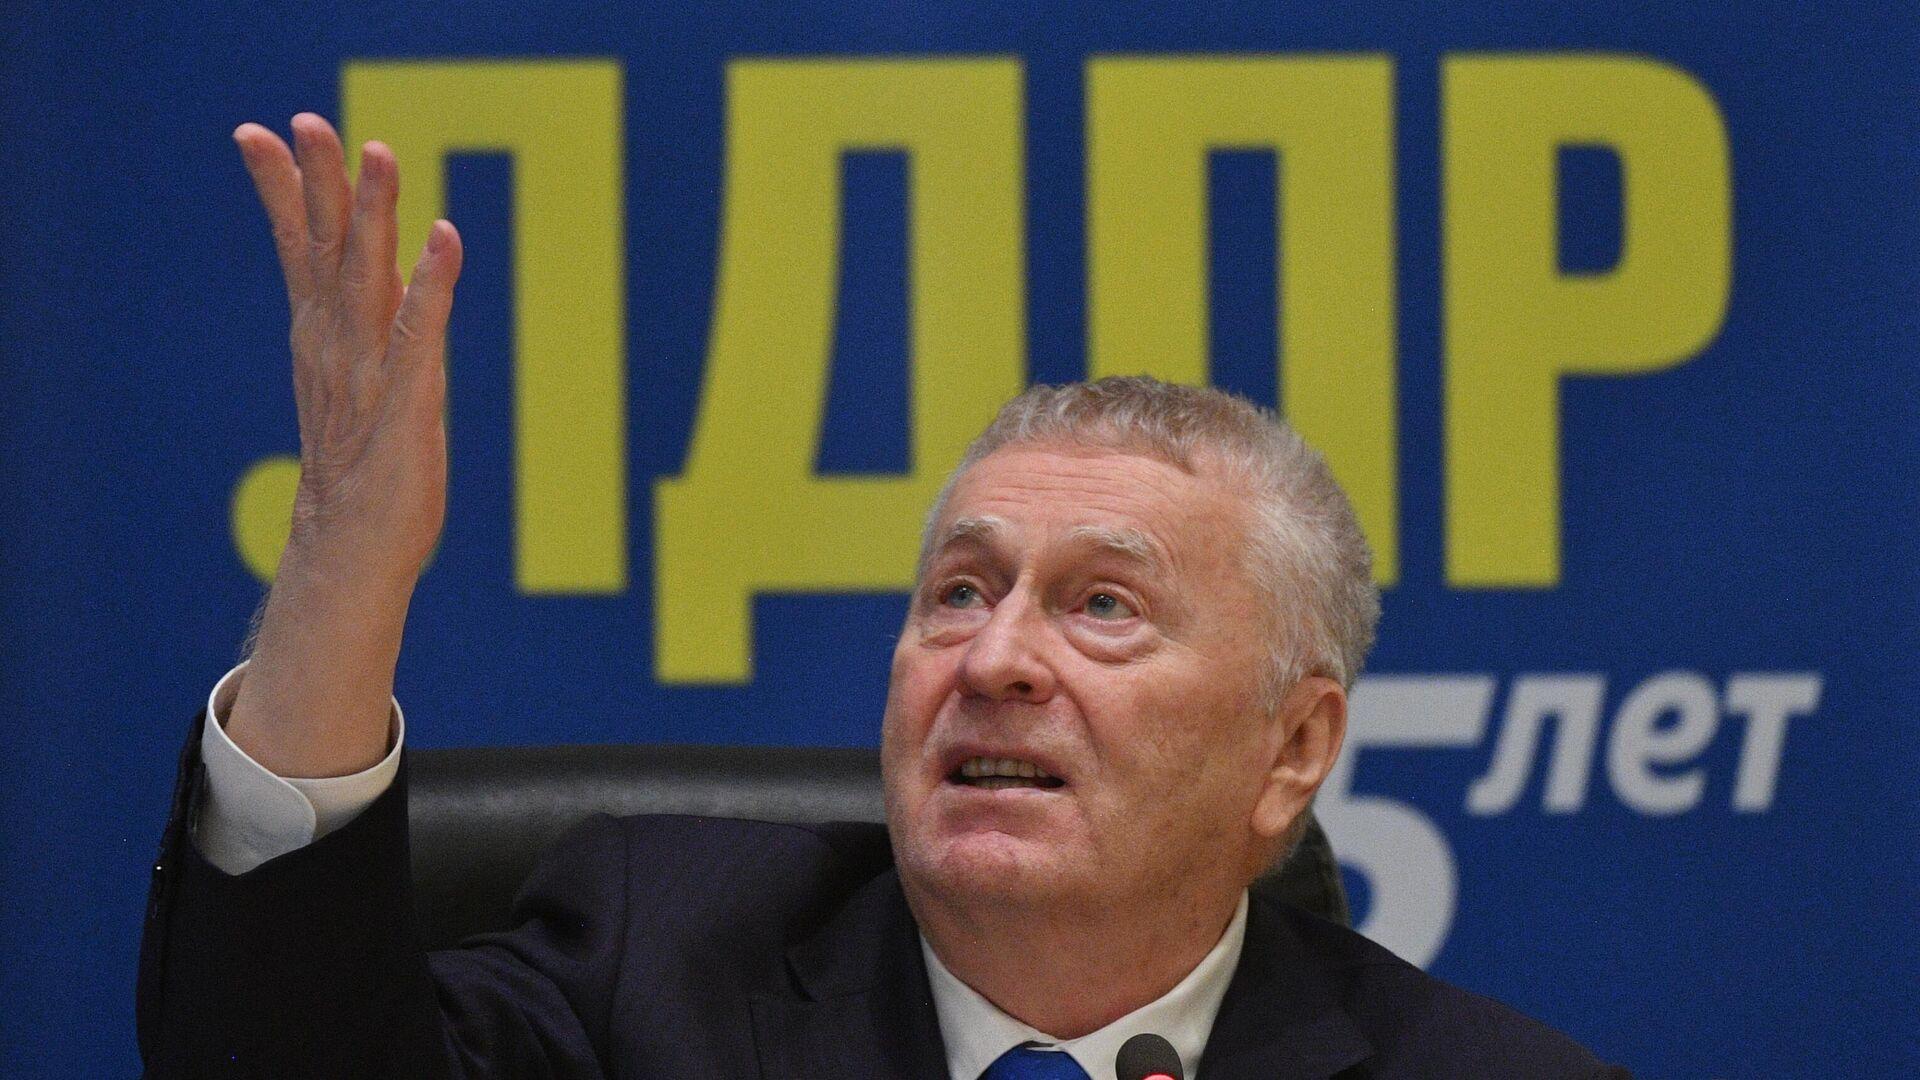 Председатель ЛДПР Владимир Жириновский выступает на съезде партии - РИА Новости, 1920, 08.01.2021